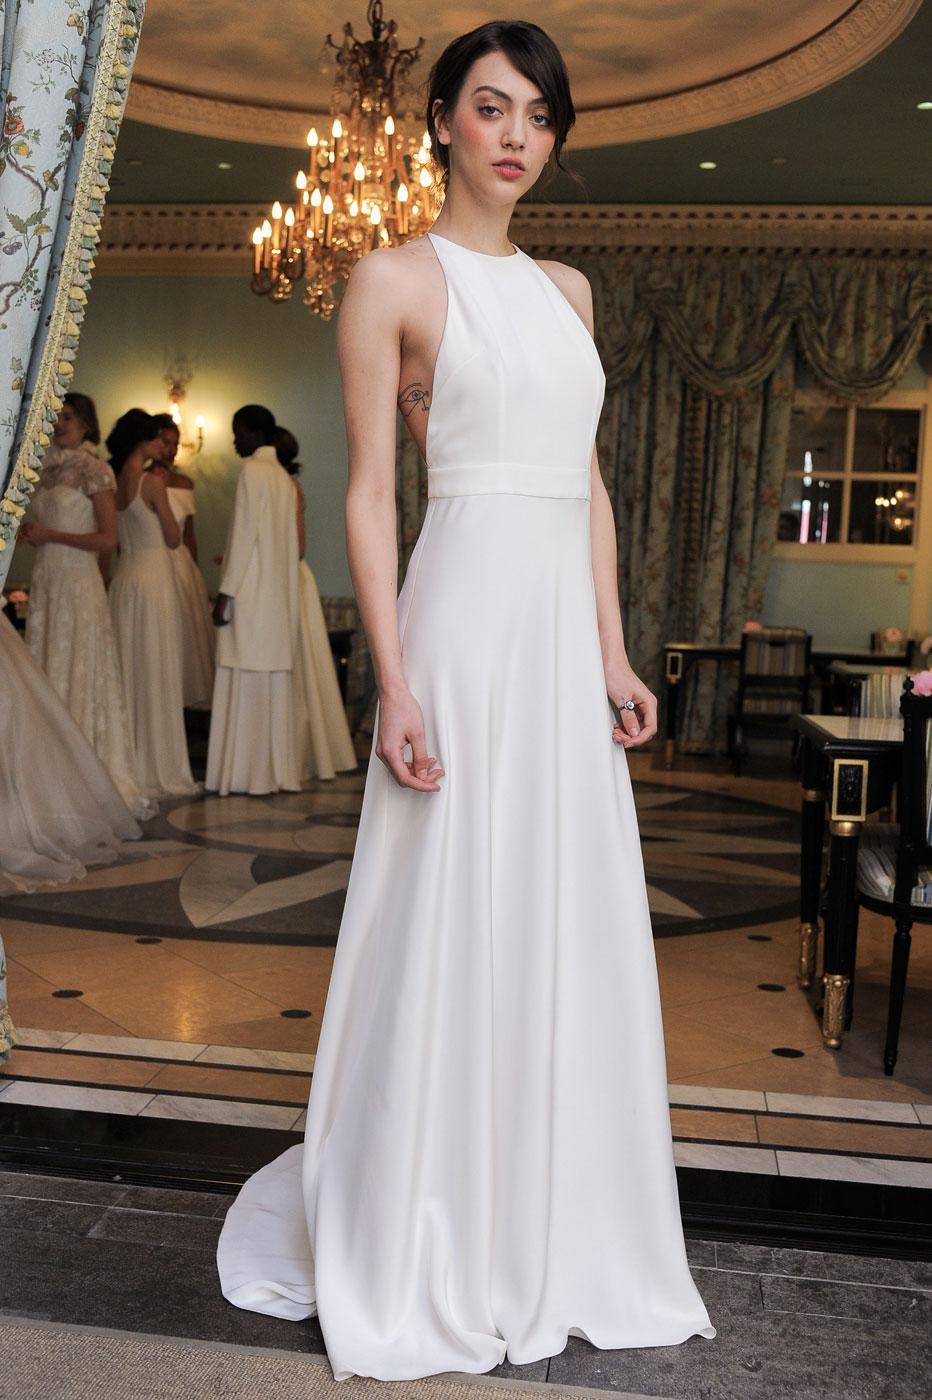 Rever d'une personne en robe de mariee